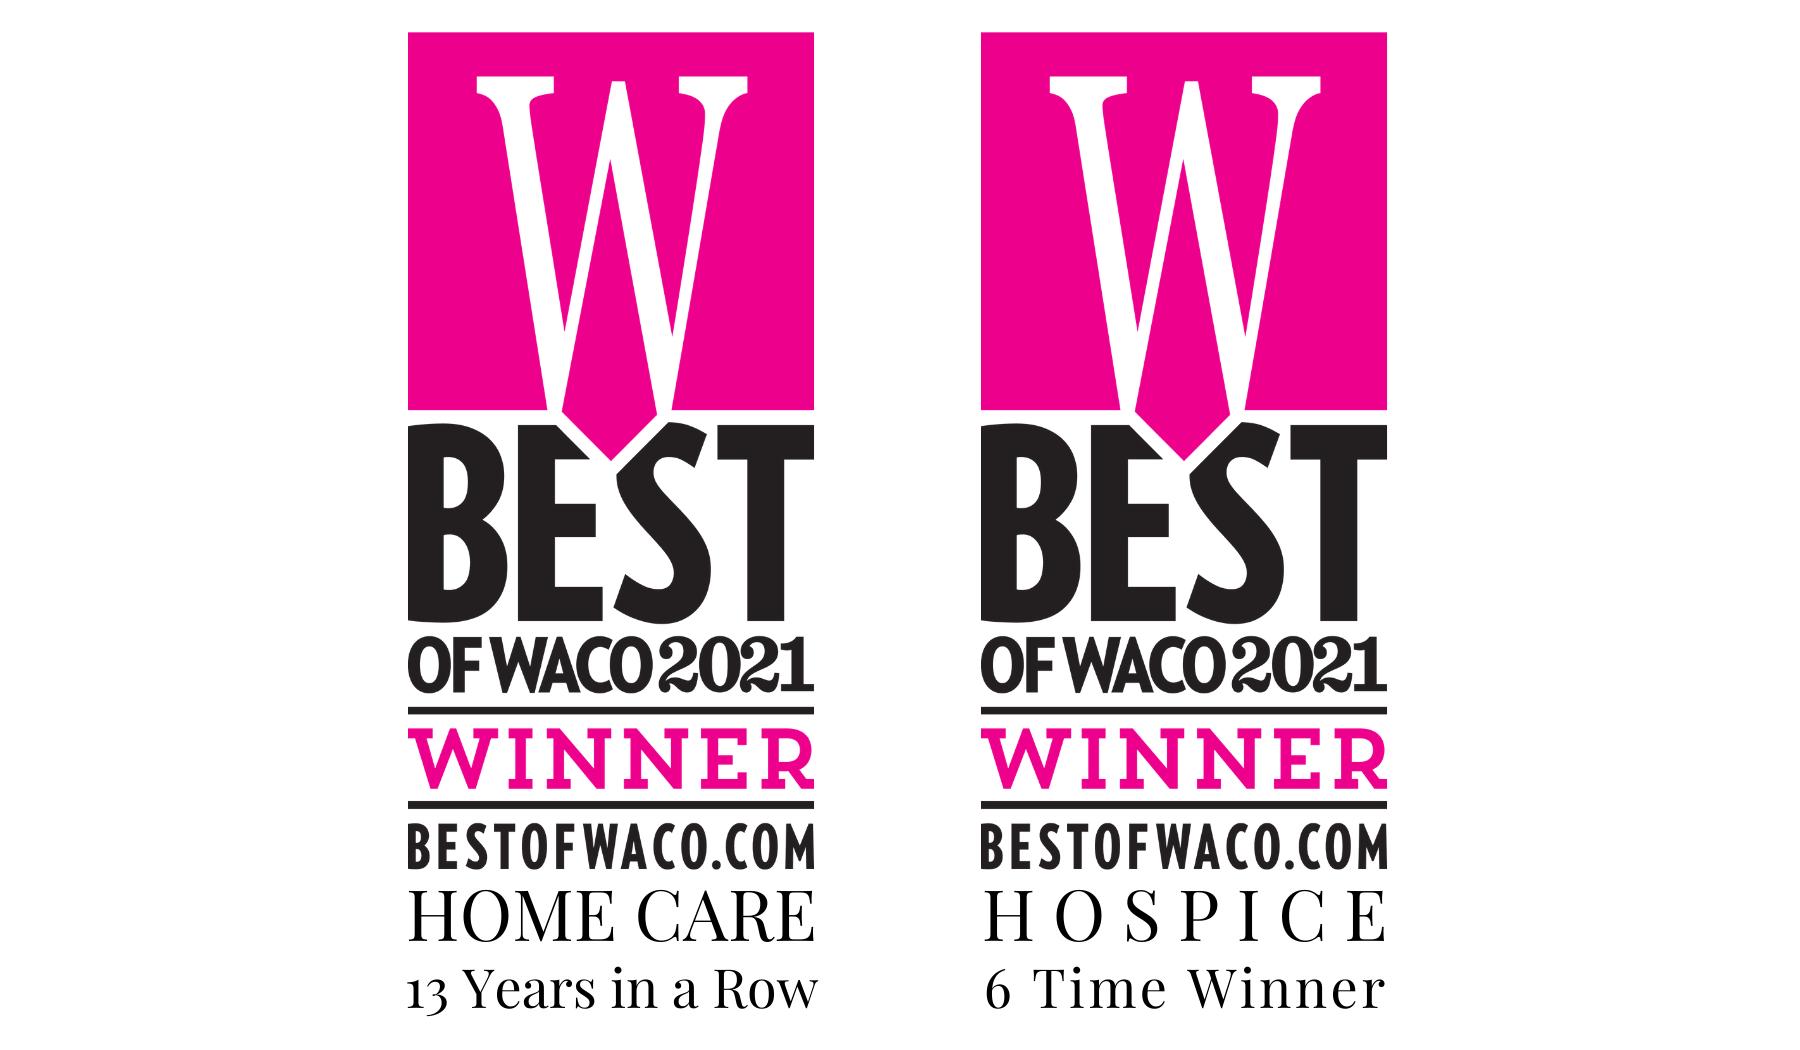 Best of Waco Website